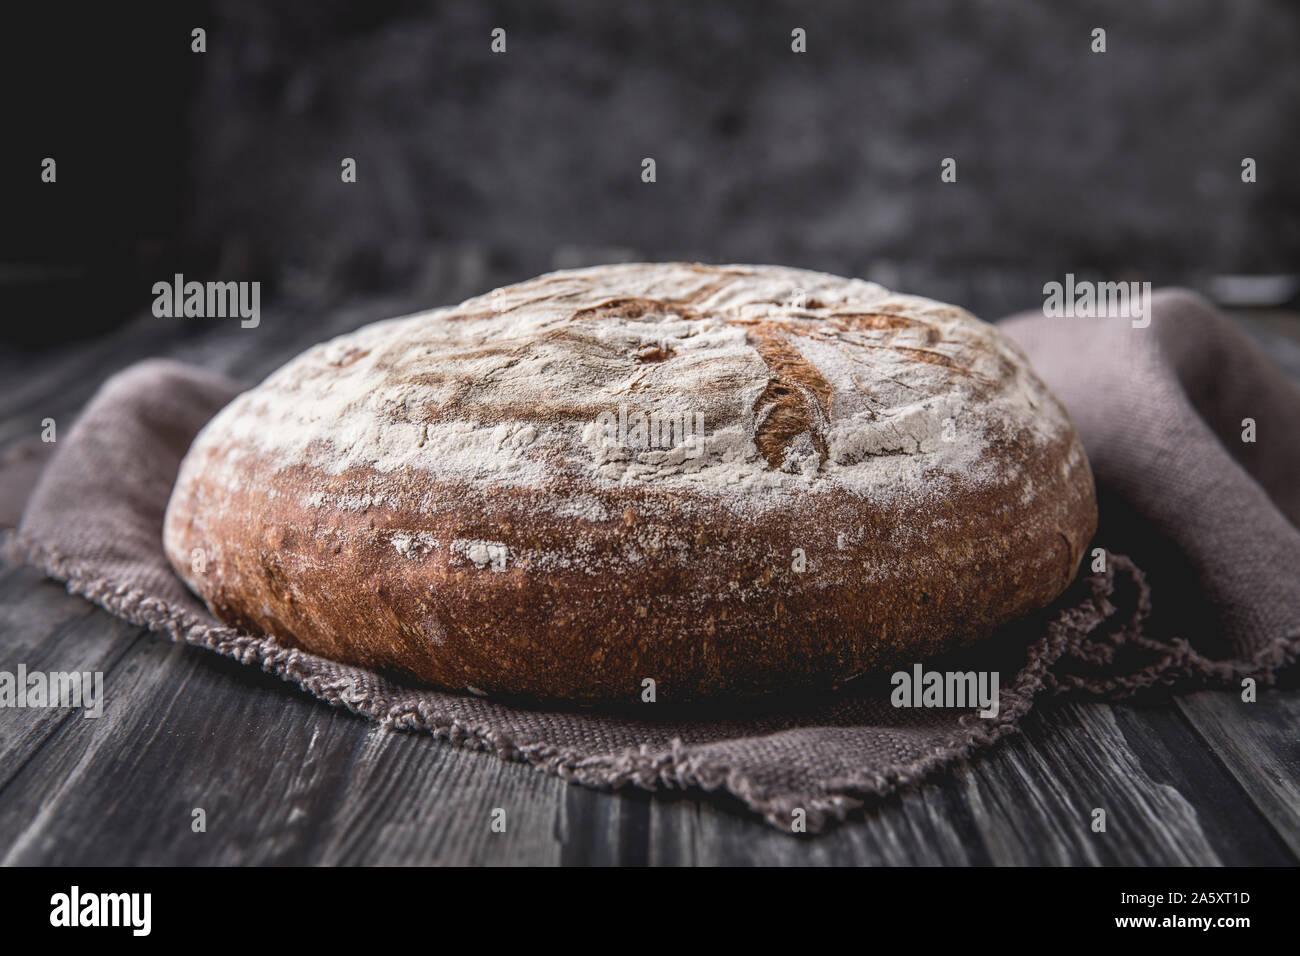 Un pain levain ronde avec le seigle et farine de blé. c'est posé sur une table en bois foncé, avec un fond sombre. Il y a un doux tissu en lin brun Banque D'Images